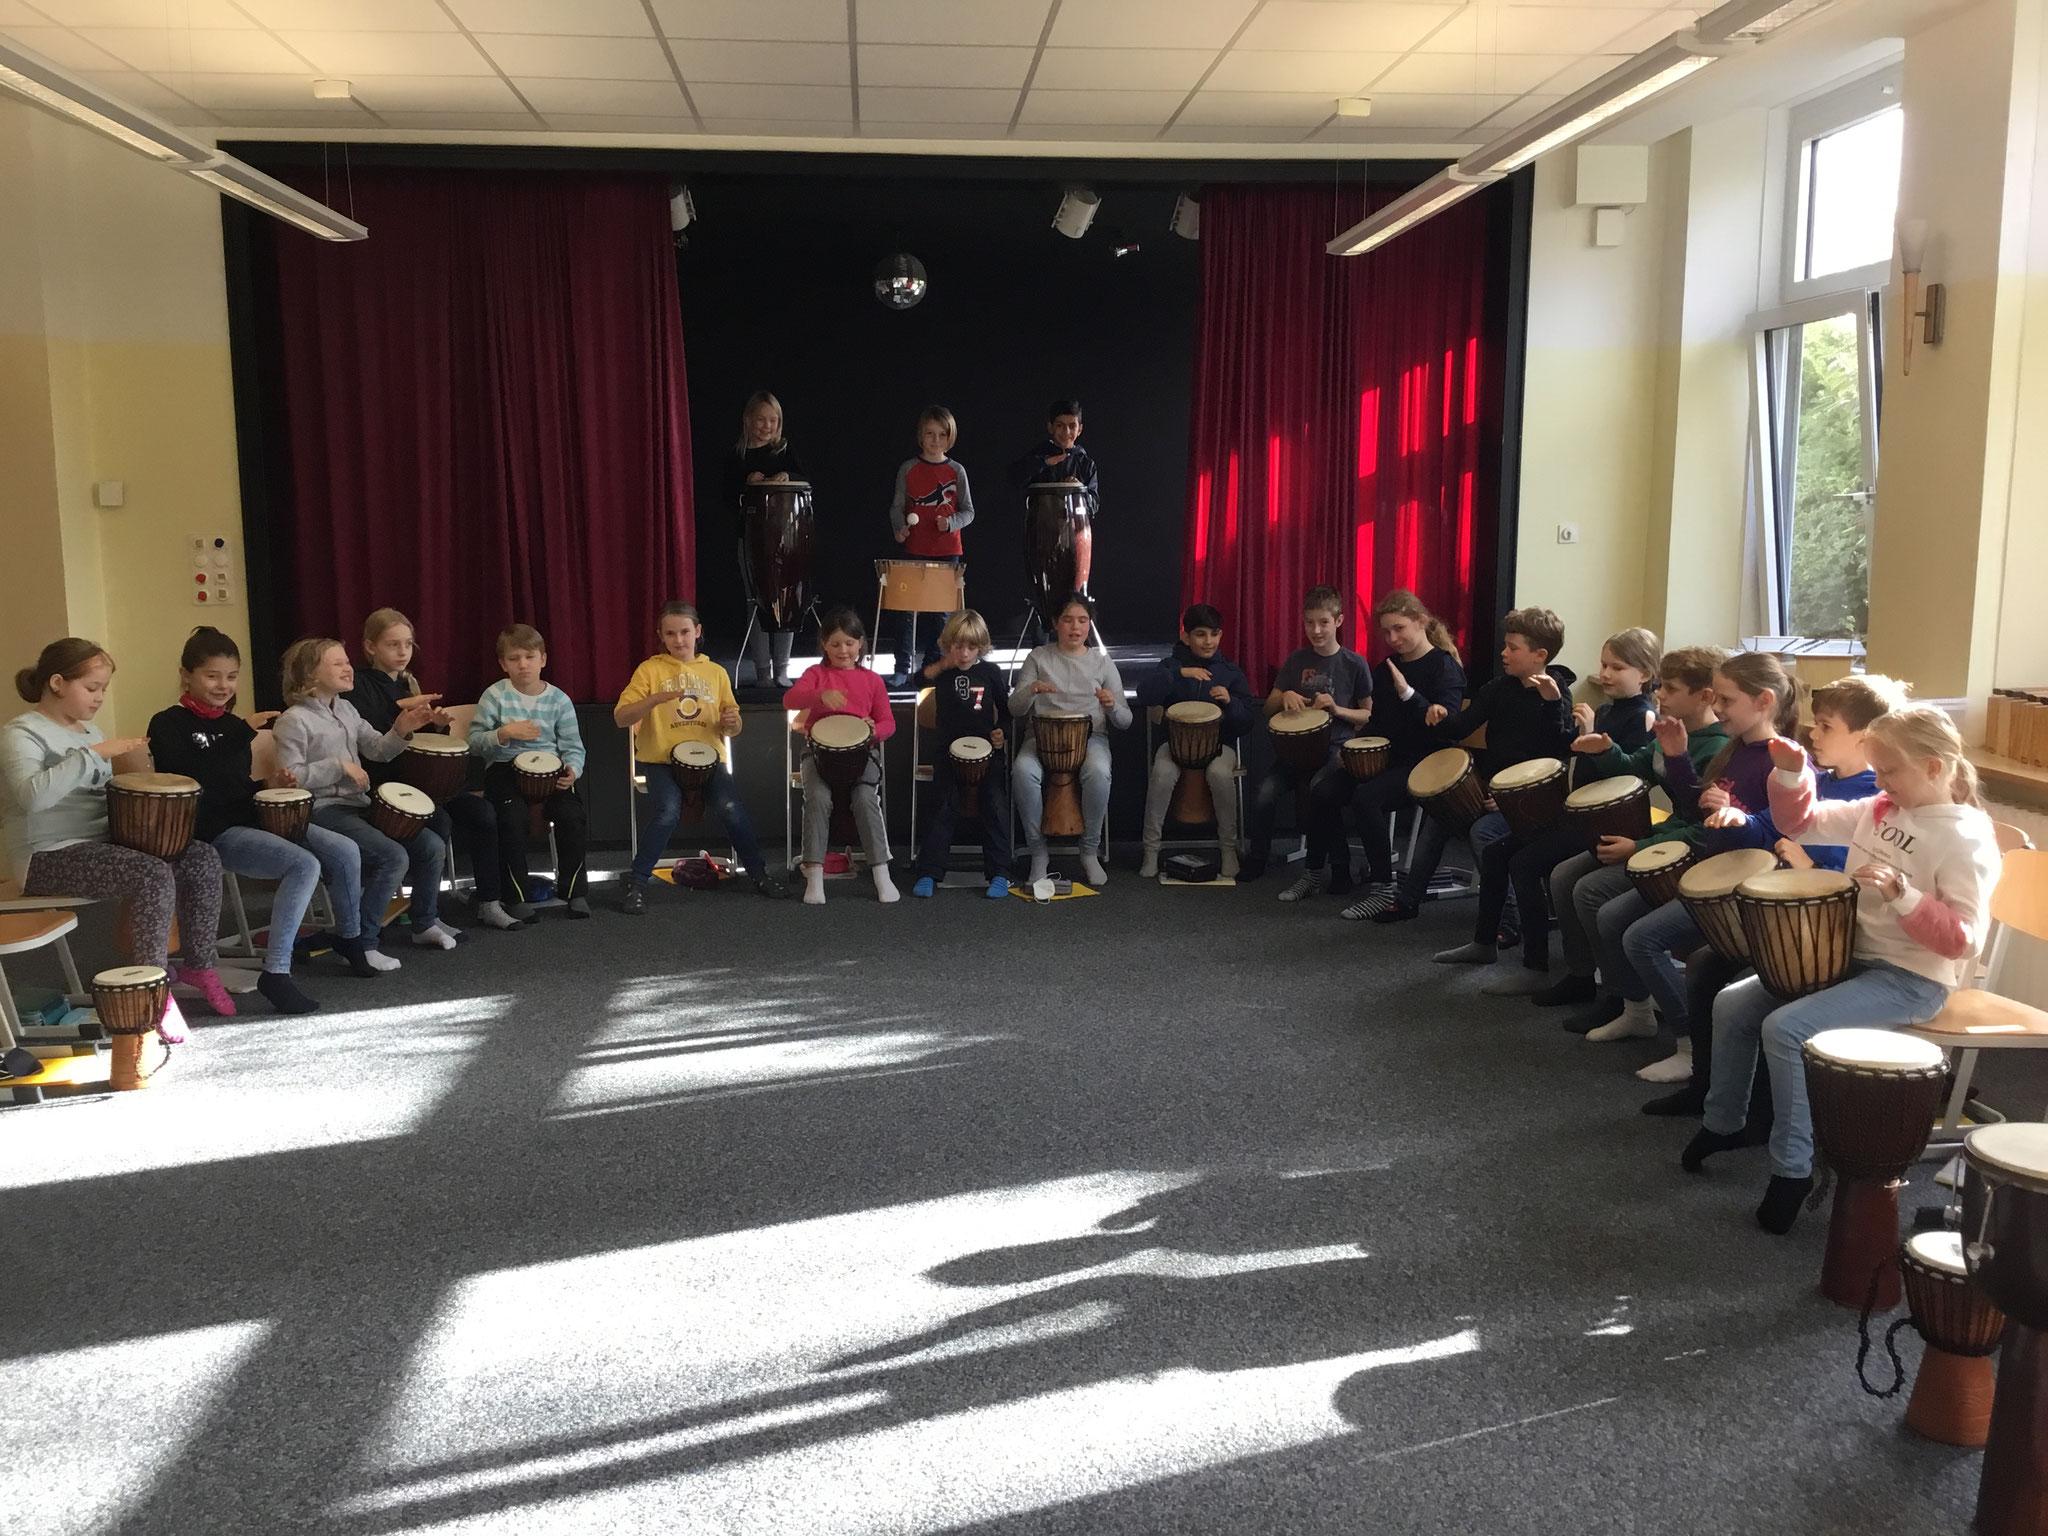 Klassenmusizieren im Musikraum